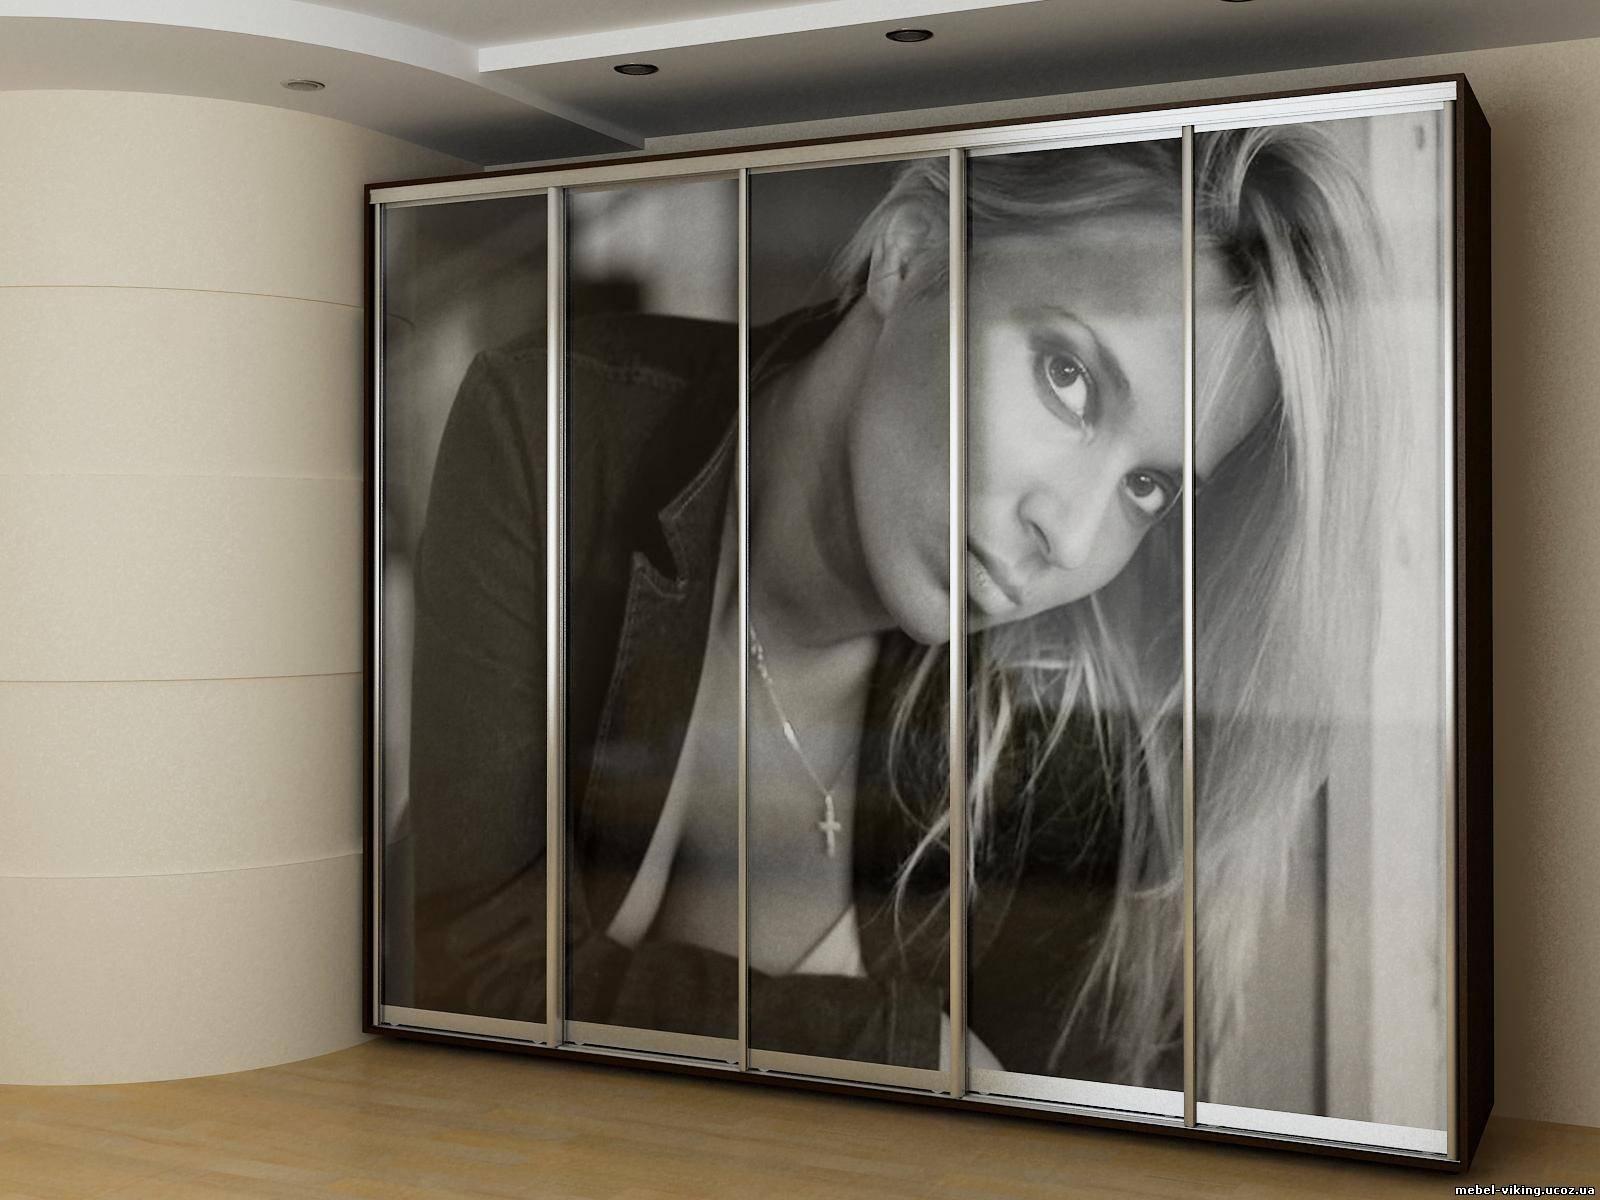 Встраиваемый шкаф-купе с фотопечатью